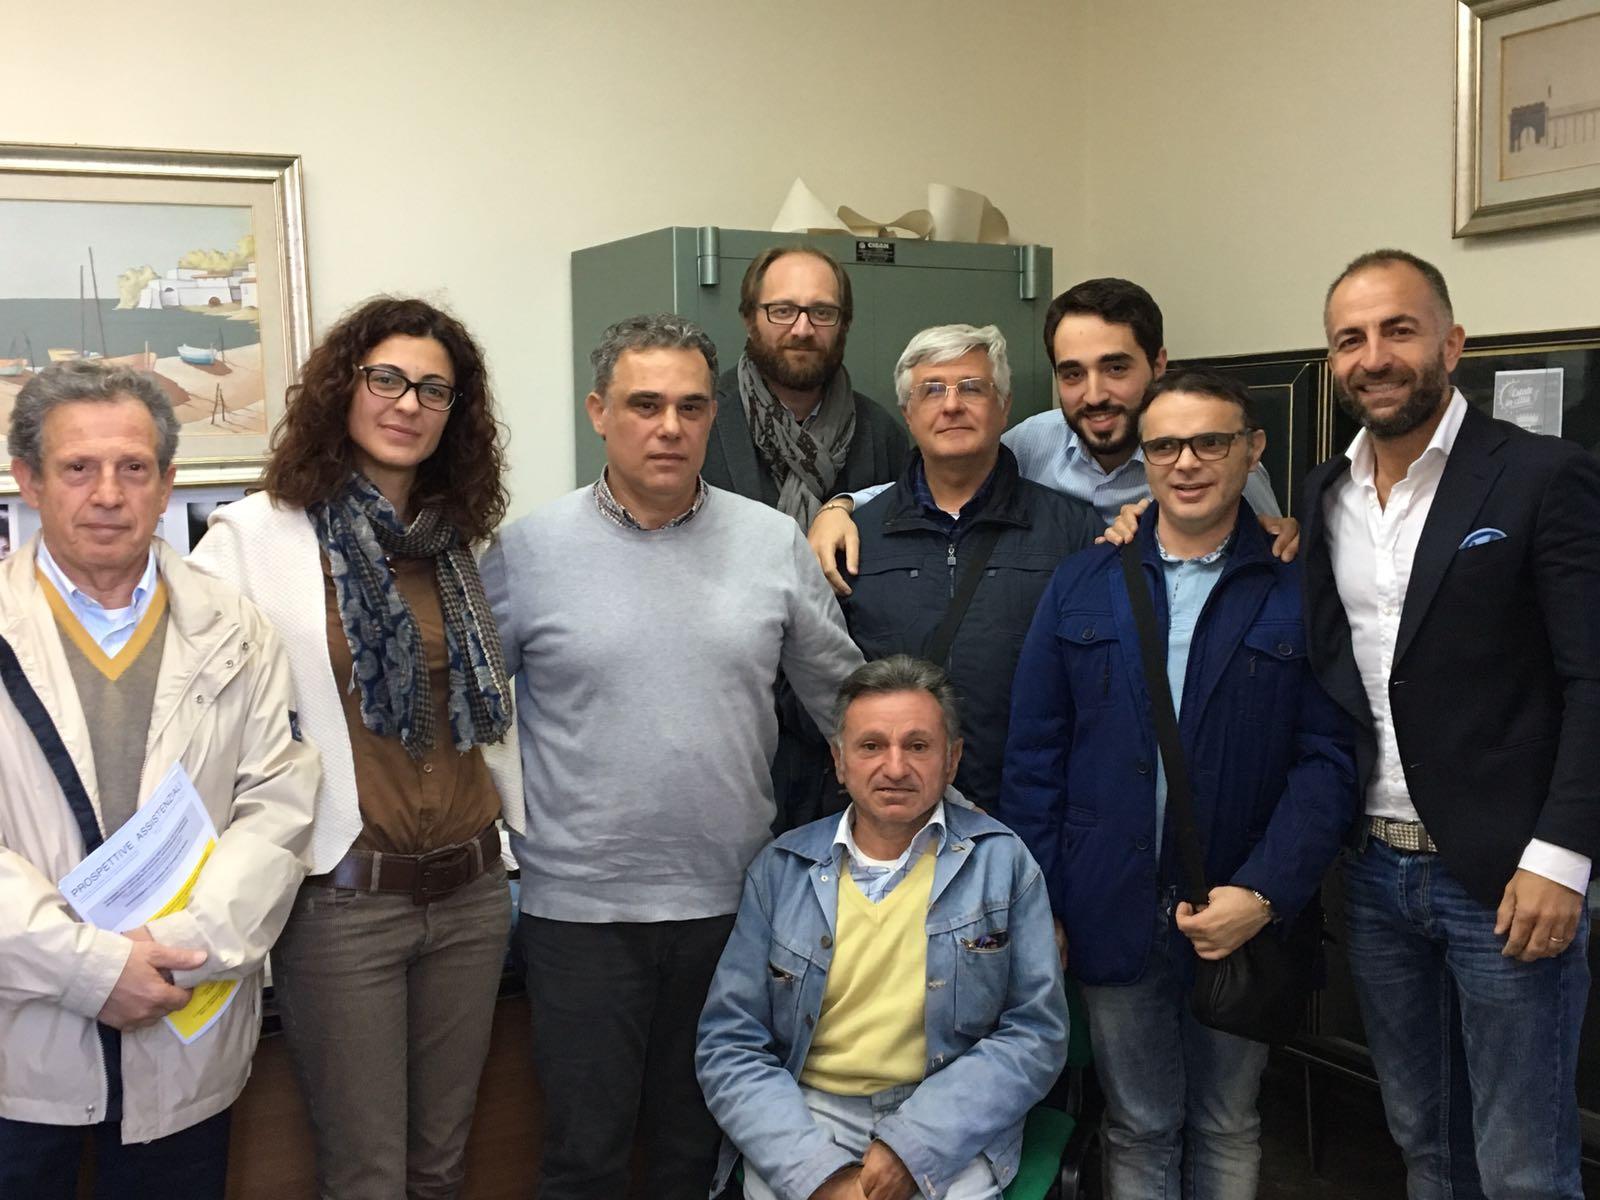 Pomigliano d'Arco senza barriere: è partito in città il tavolo sulle disabilità